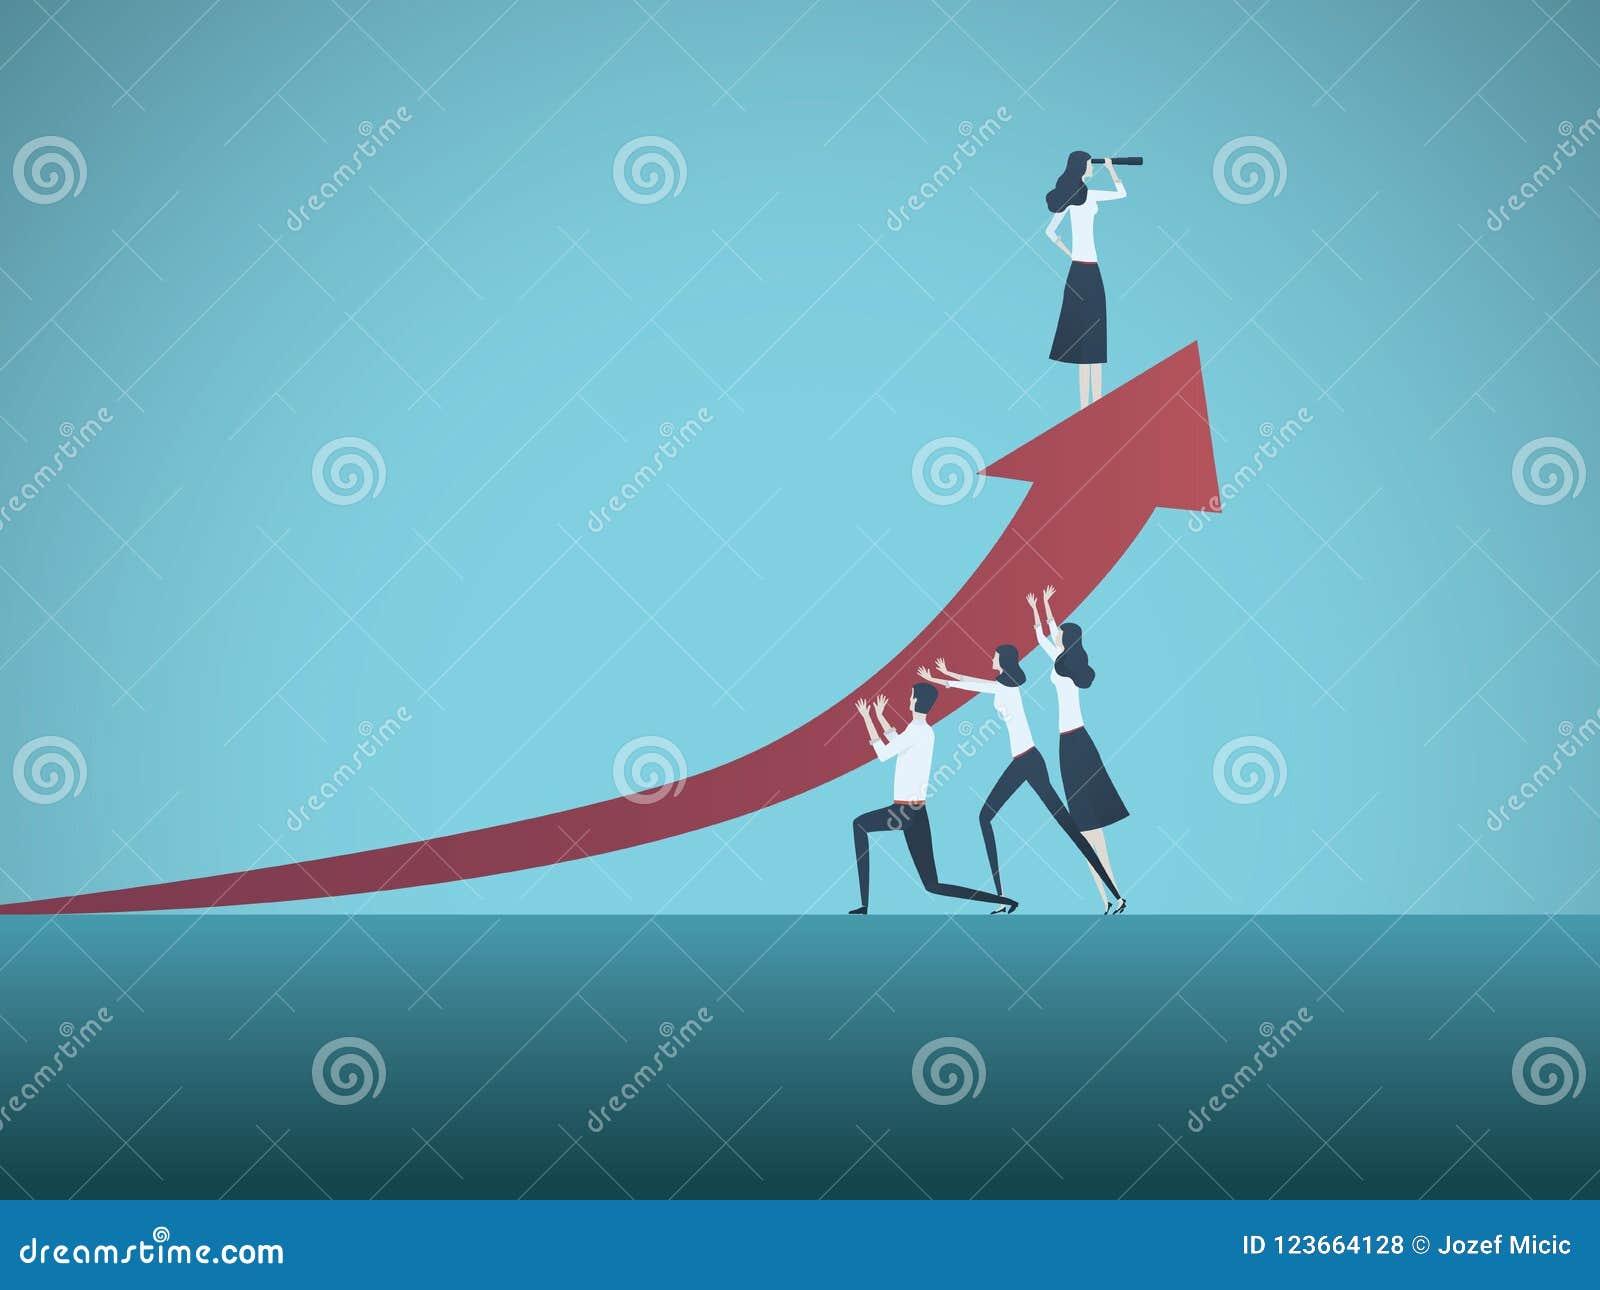 Geschäftsfrau-Führervektorkonzept Symbol von Zeiten up Bewegung, Frau im Geschäft, Emanzipation, Erfolg, Führung